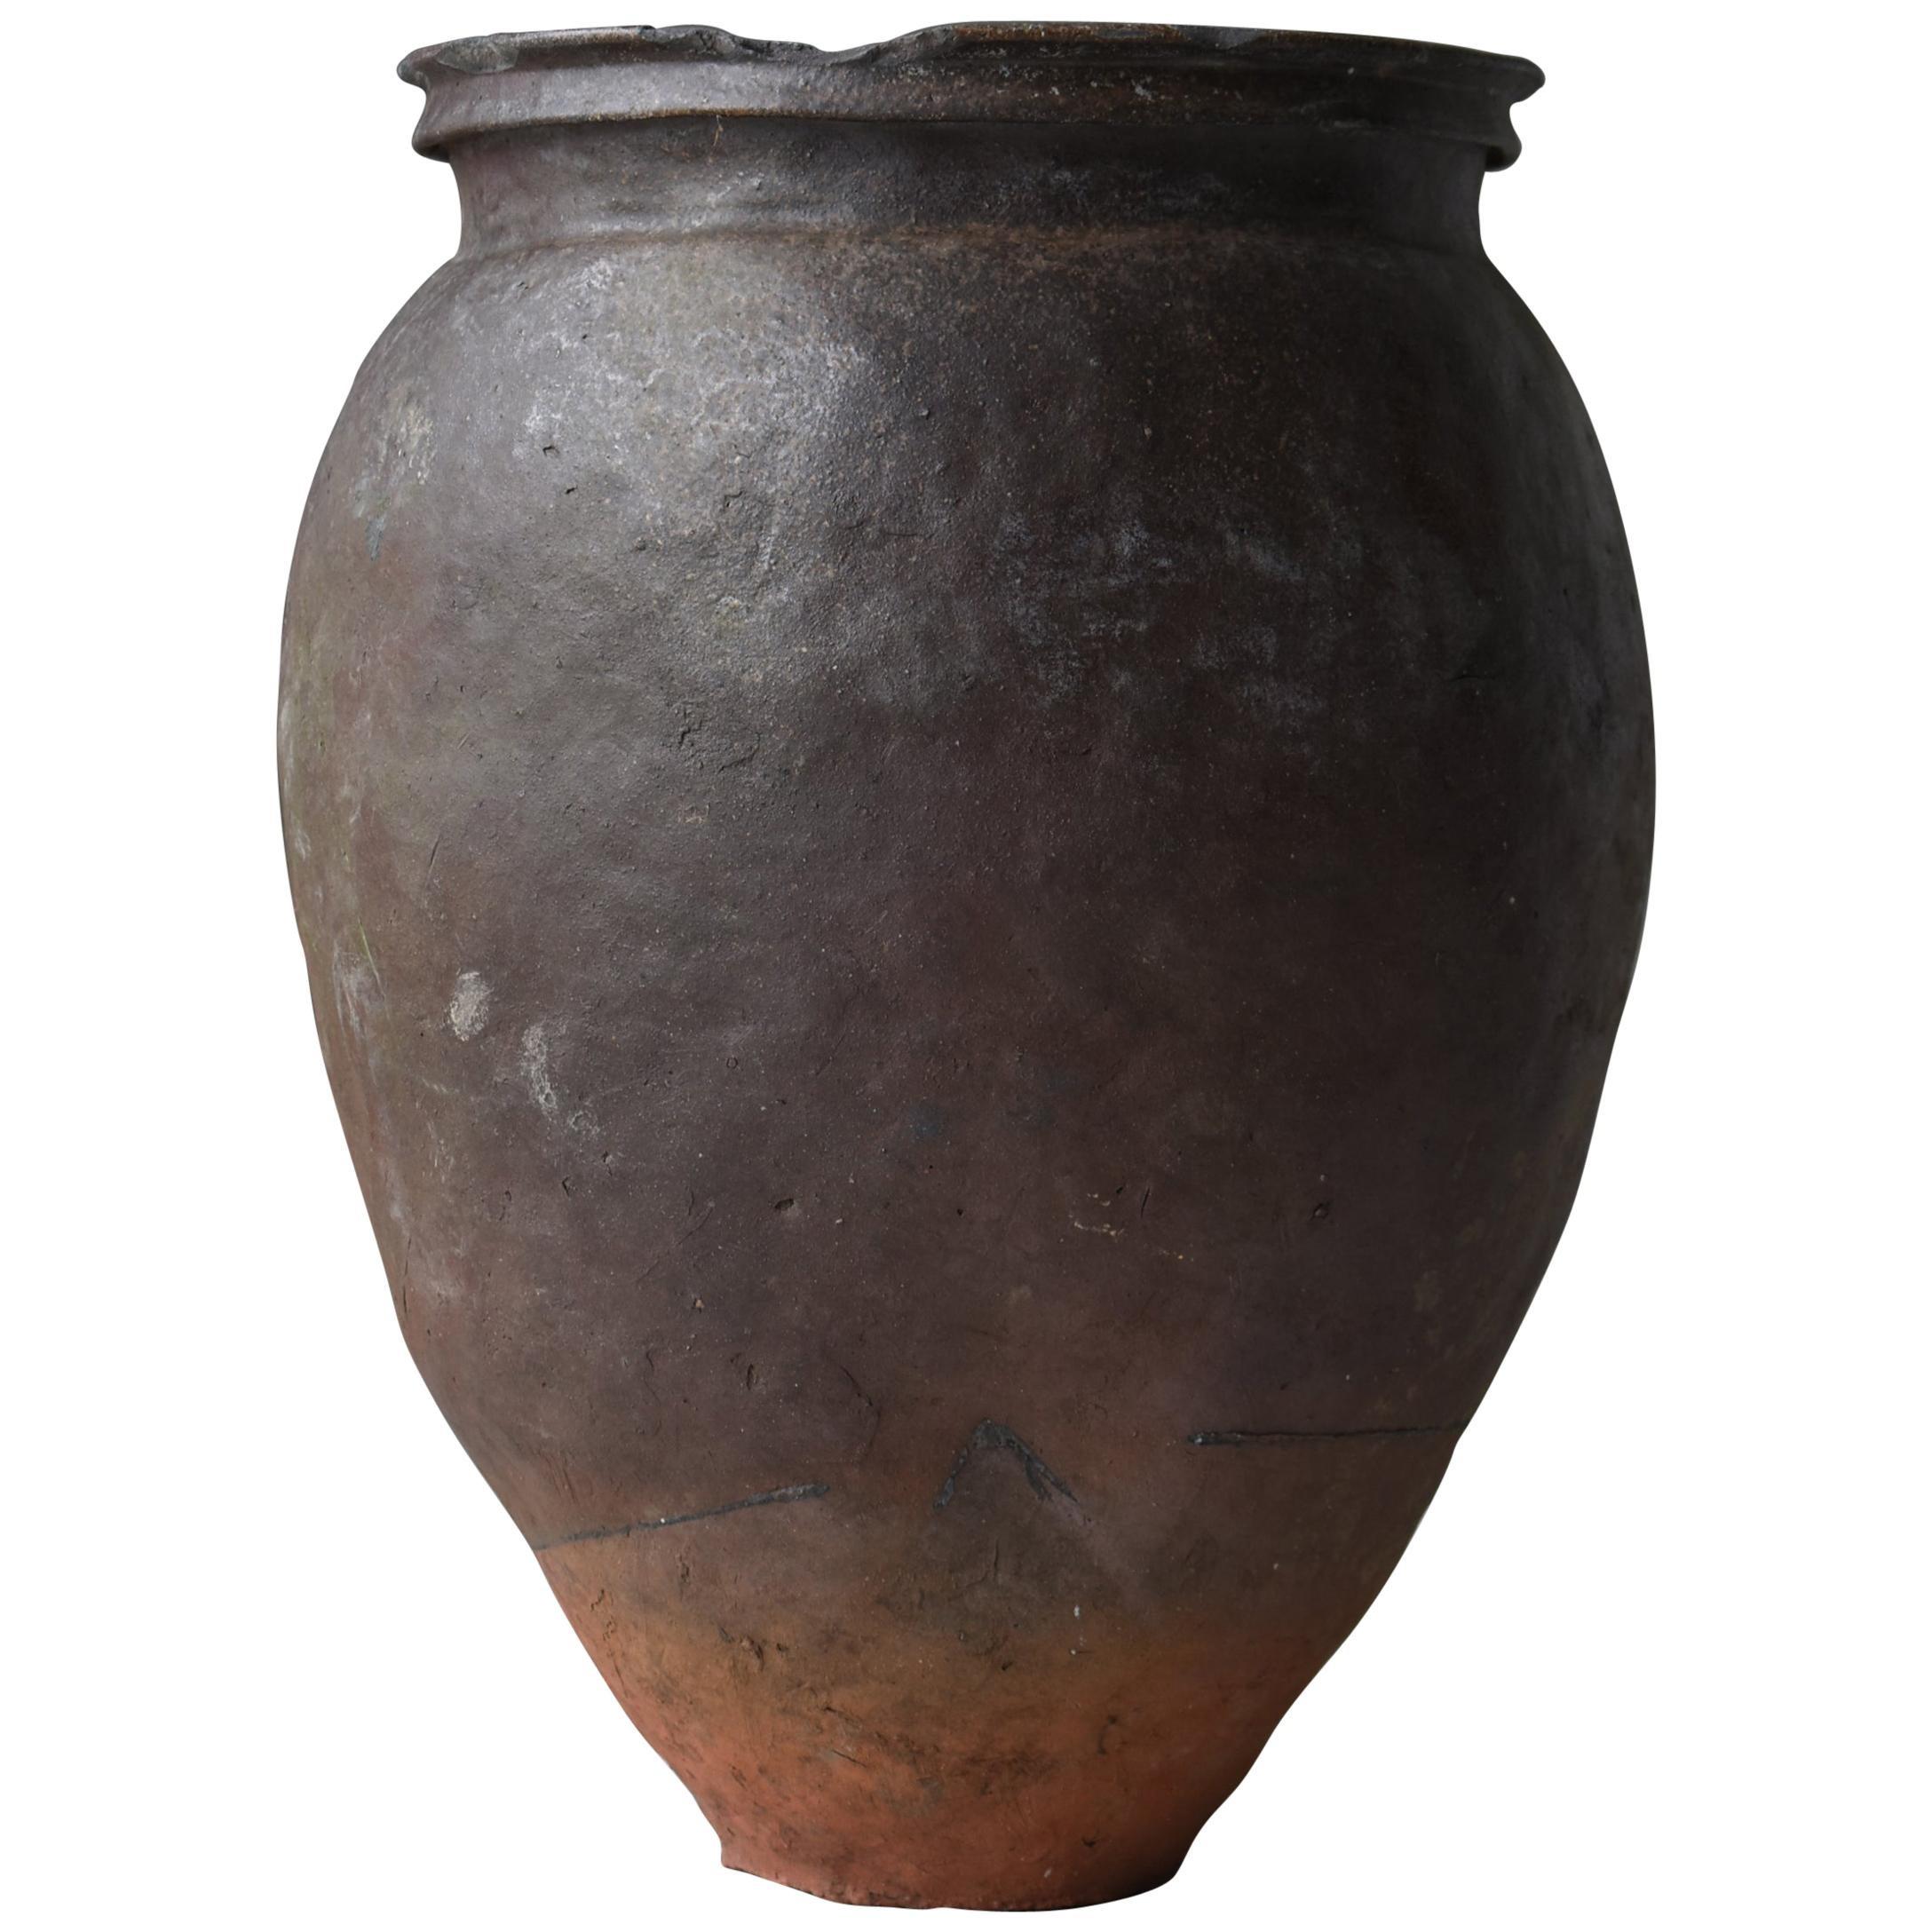 Japanese Old Pottery 1700s-1800s/Antique Flower Vase Vessel Jar Tsubo Ceramic